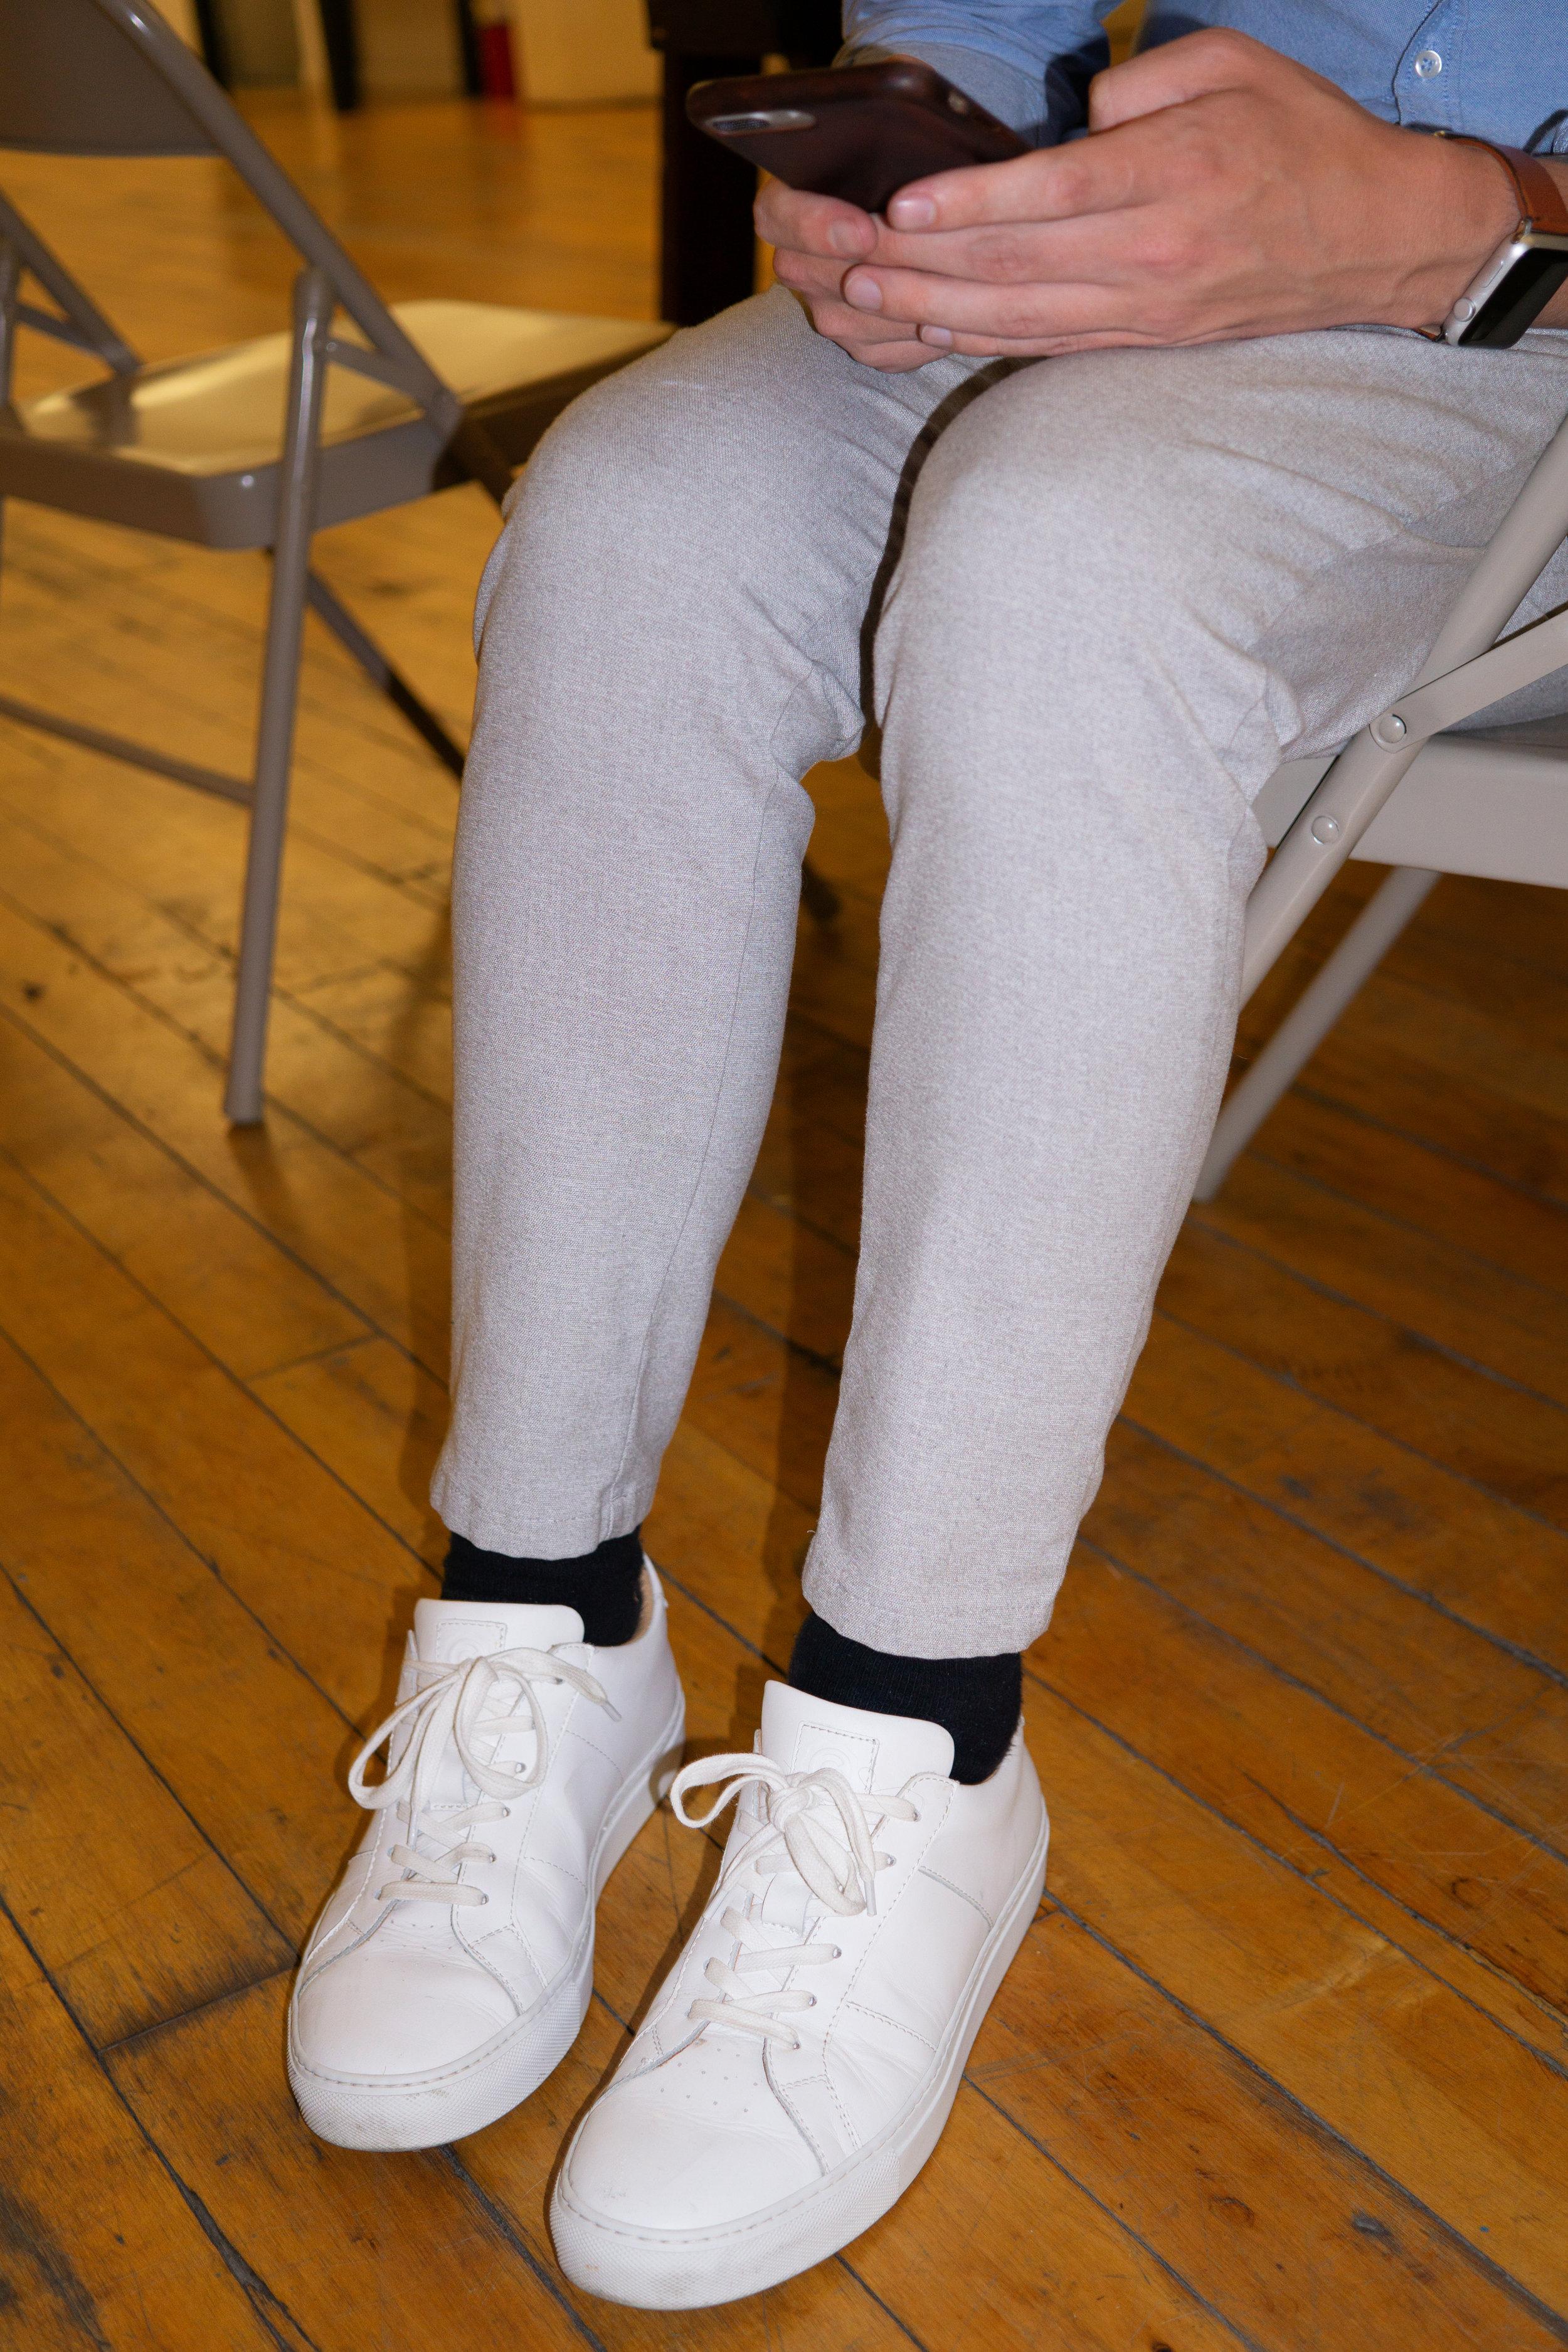 knees.jpg